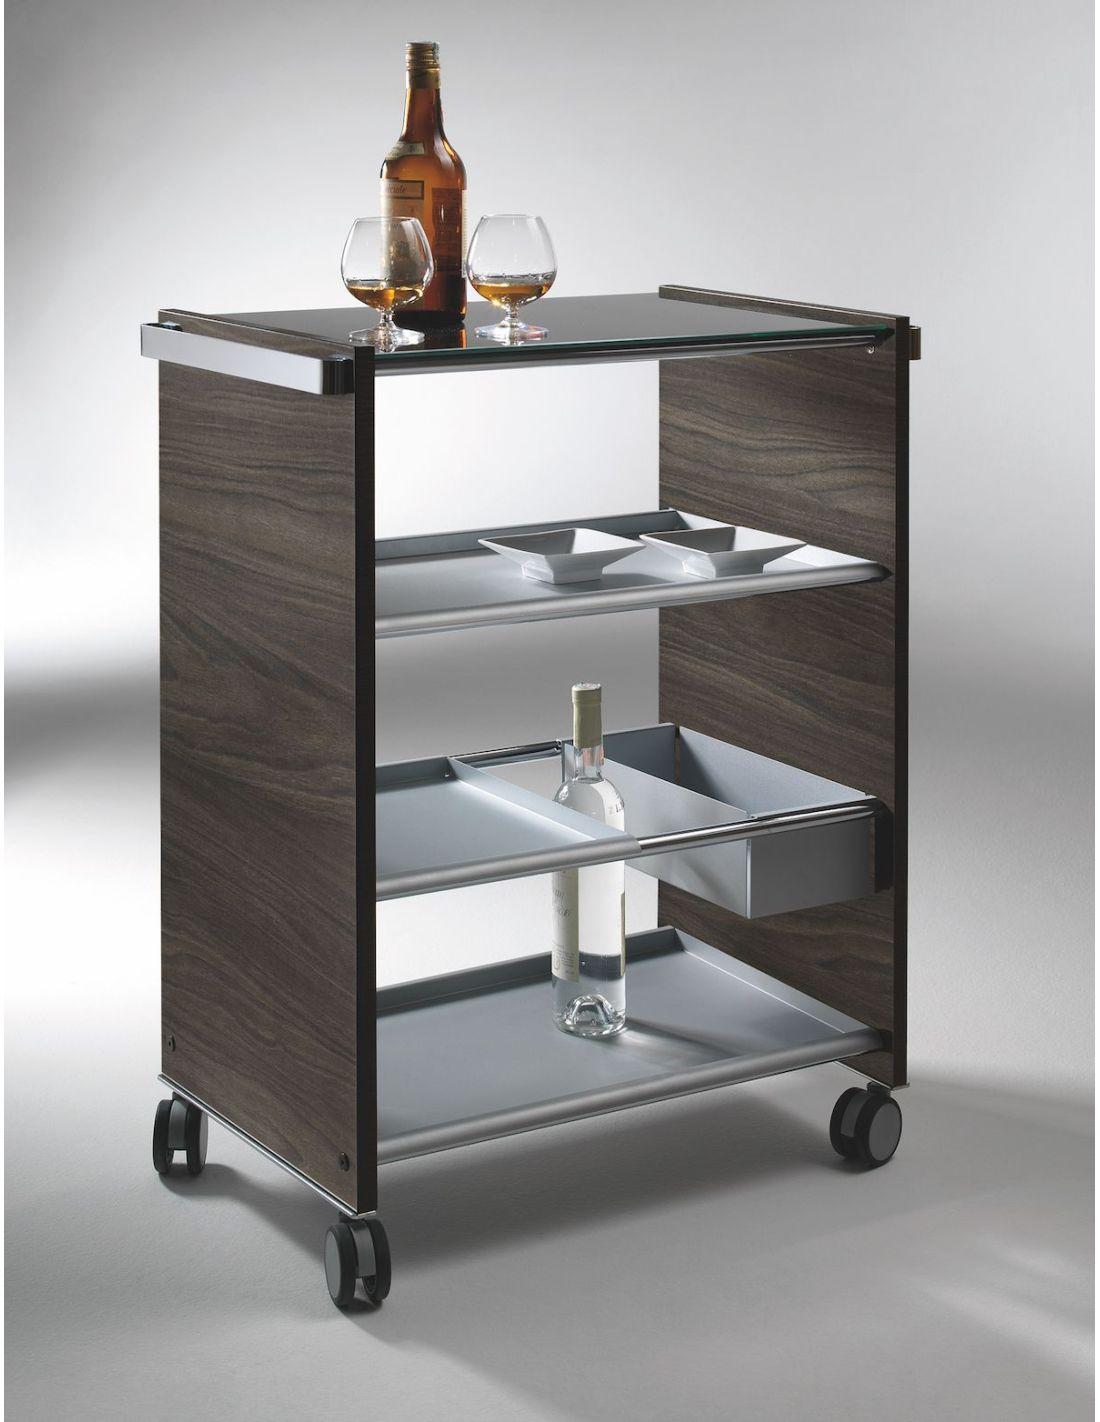 Service carrello di servizio multifunzione per cucina in legno e acciaio - Carrello cucina acciaio ...